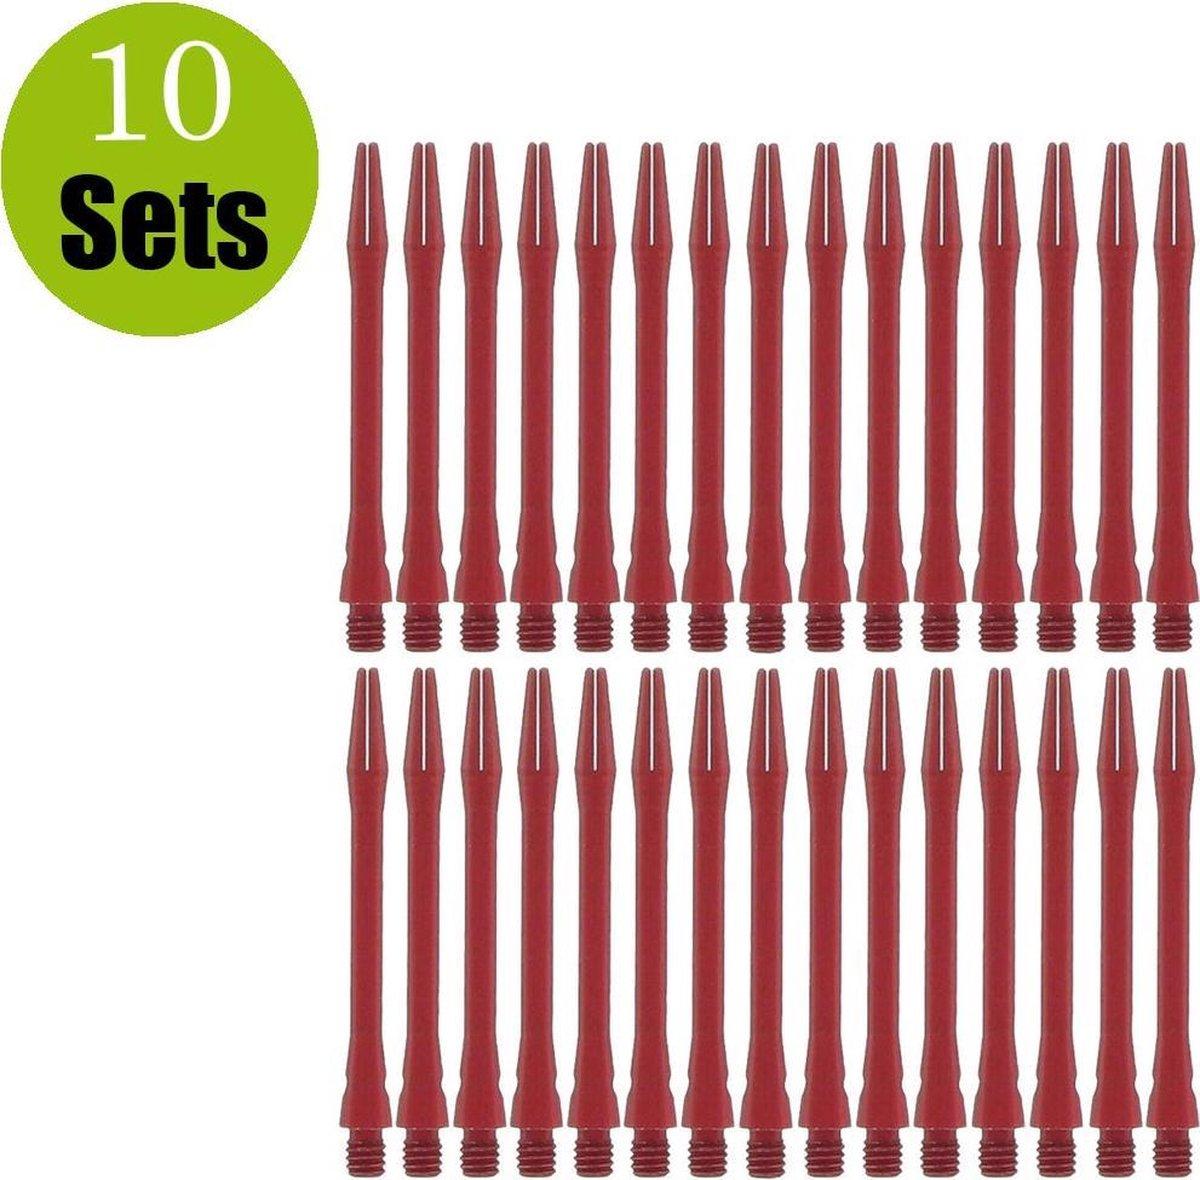 Aluminium Dart Shafts - Rood - Medium - (10 Sets)